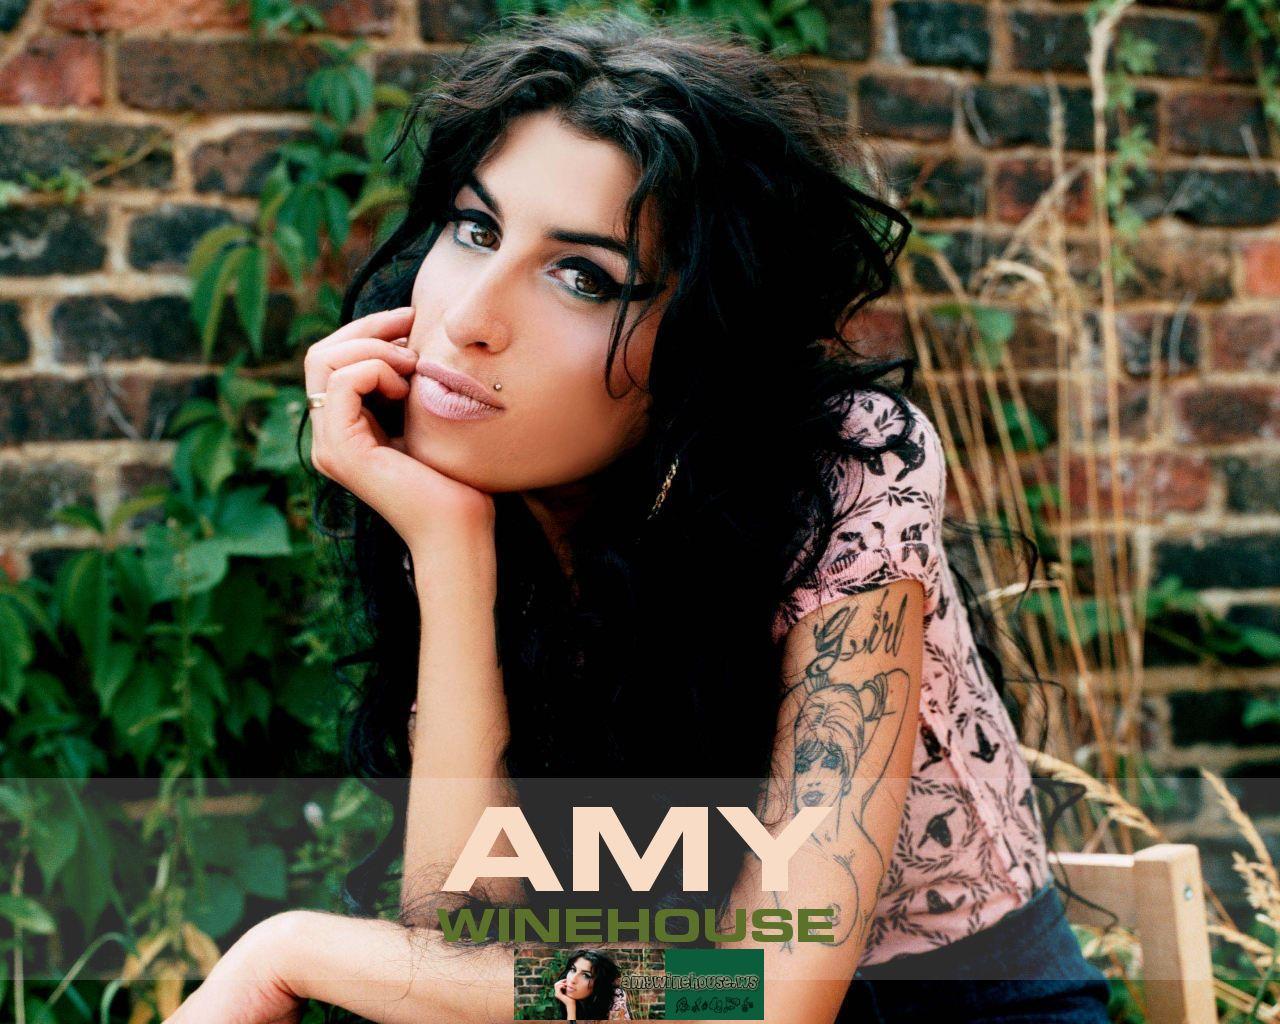 http://4.bp.blogspot.com/-ThUplBDdY8Q/TjBIPov5hmI/AAAAAAAAAlM/KQA7N5W6AVg/s1600/amy-winehouse-wallpaper.jpg